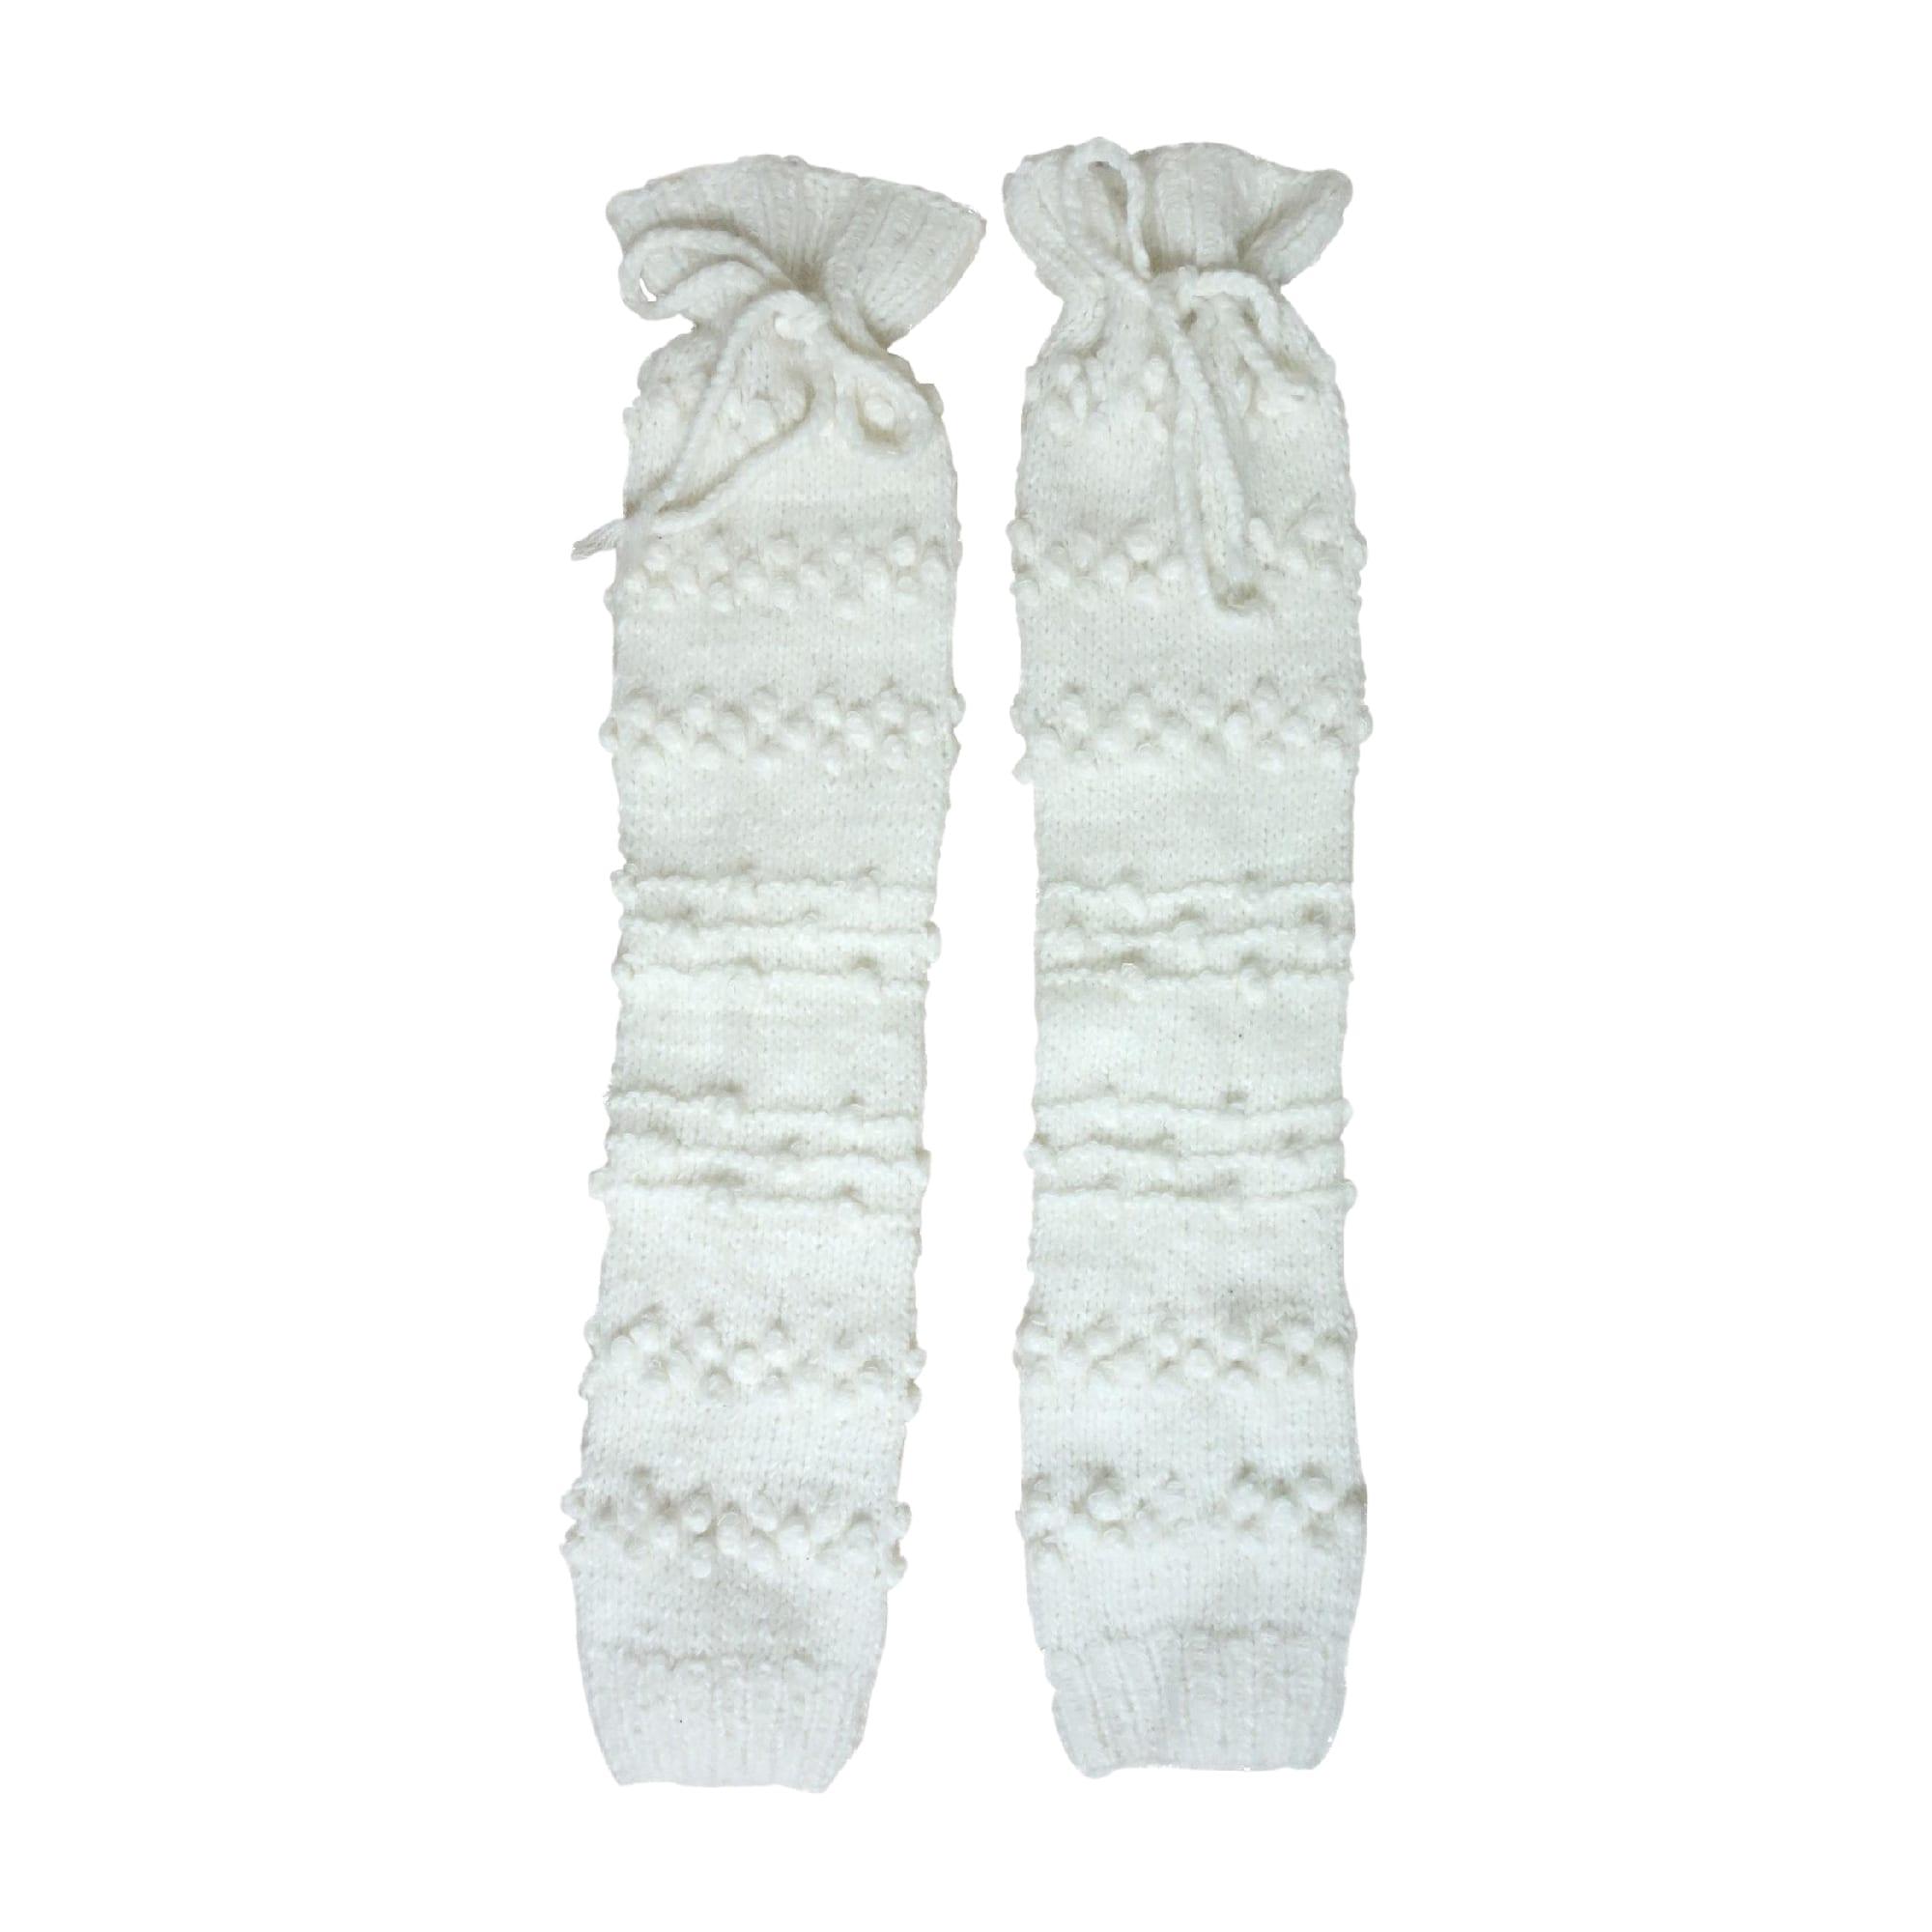 Chausettes genoux PAUL & JOE Blanc, blanc cassé, écru